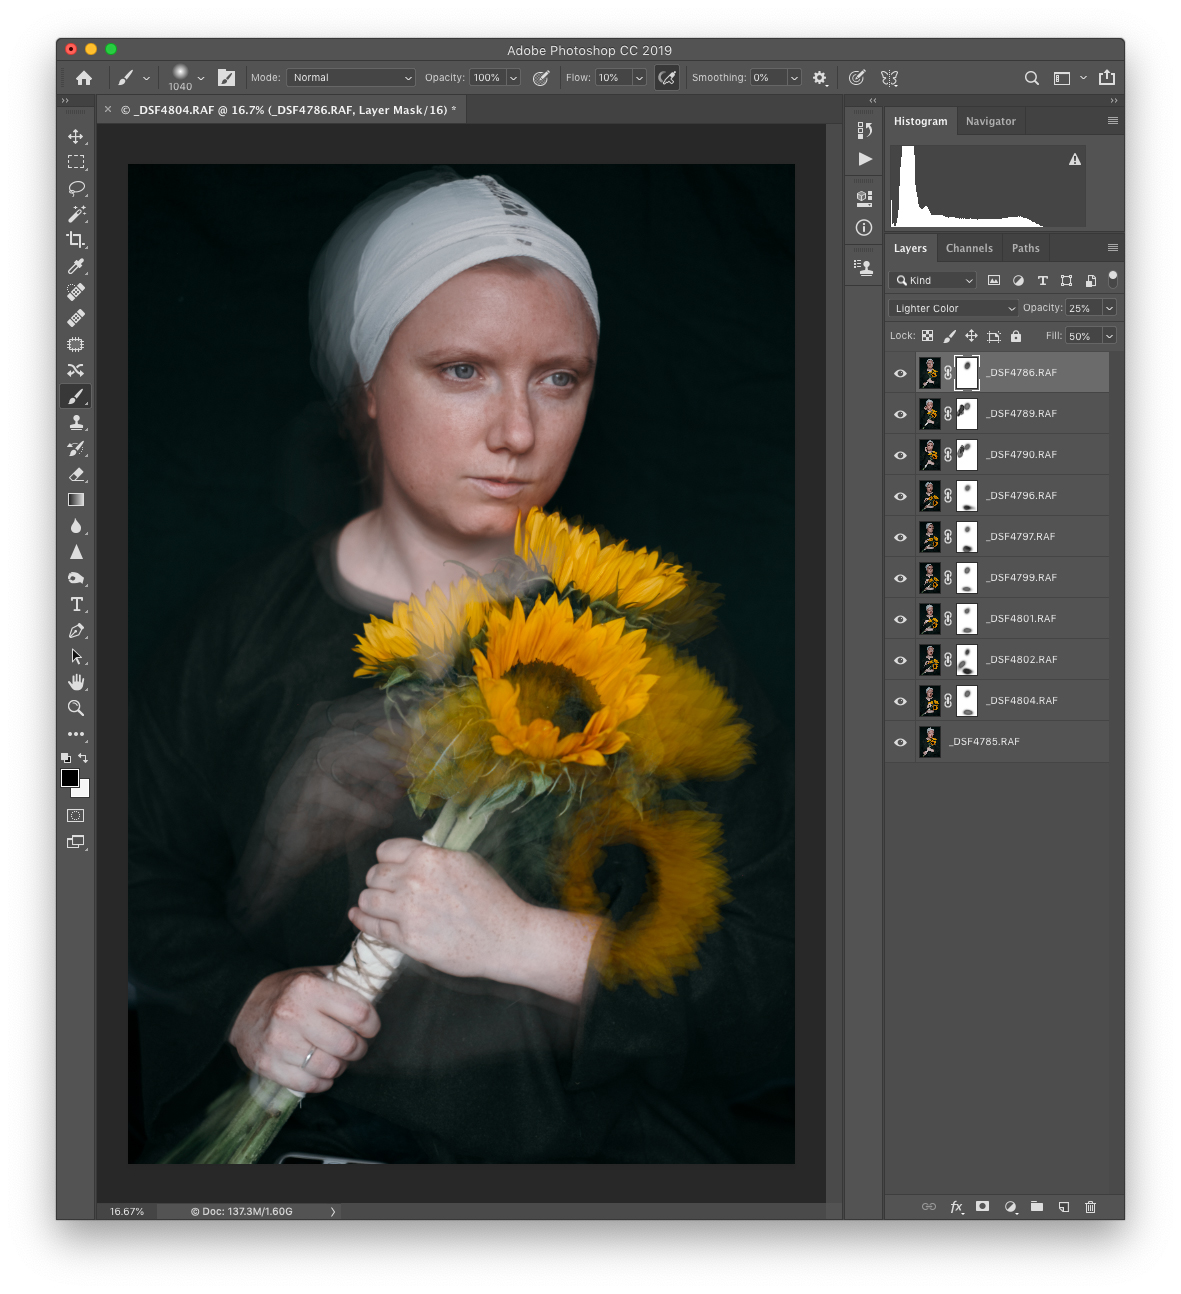 photoshop-blending-modes-for-fine-art-portraiture